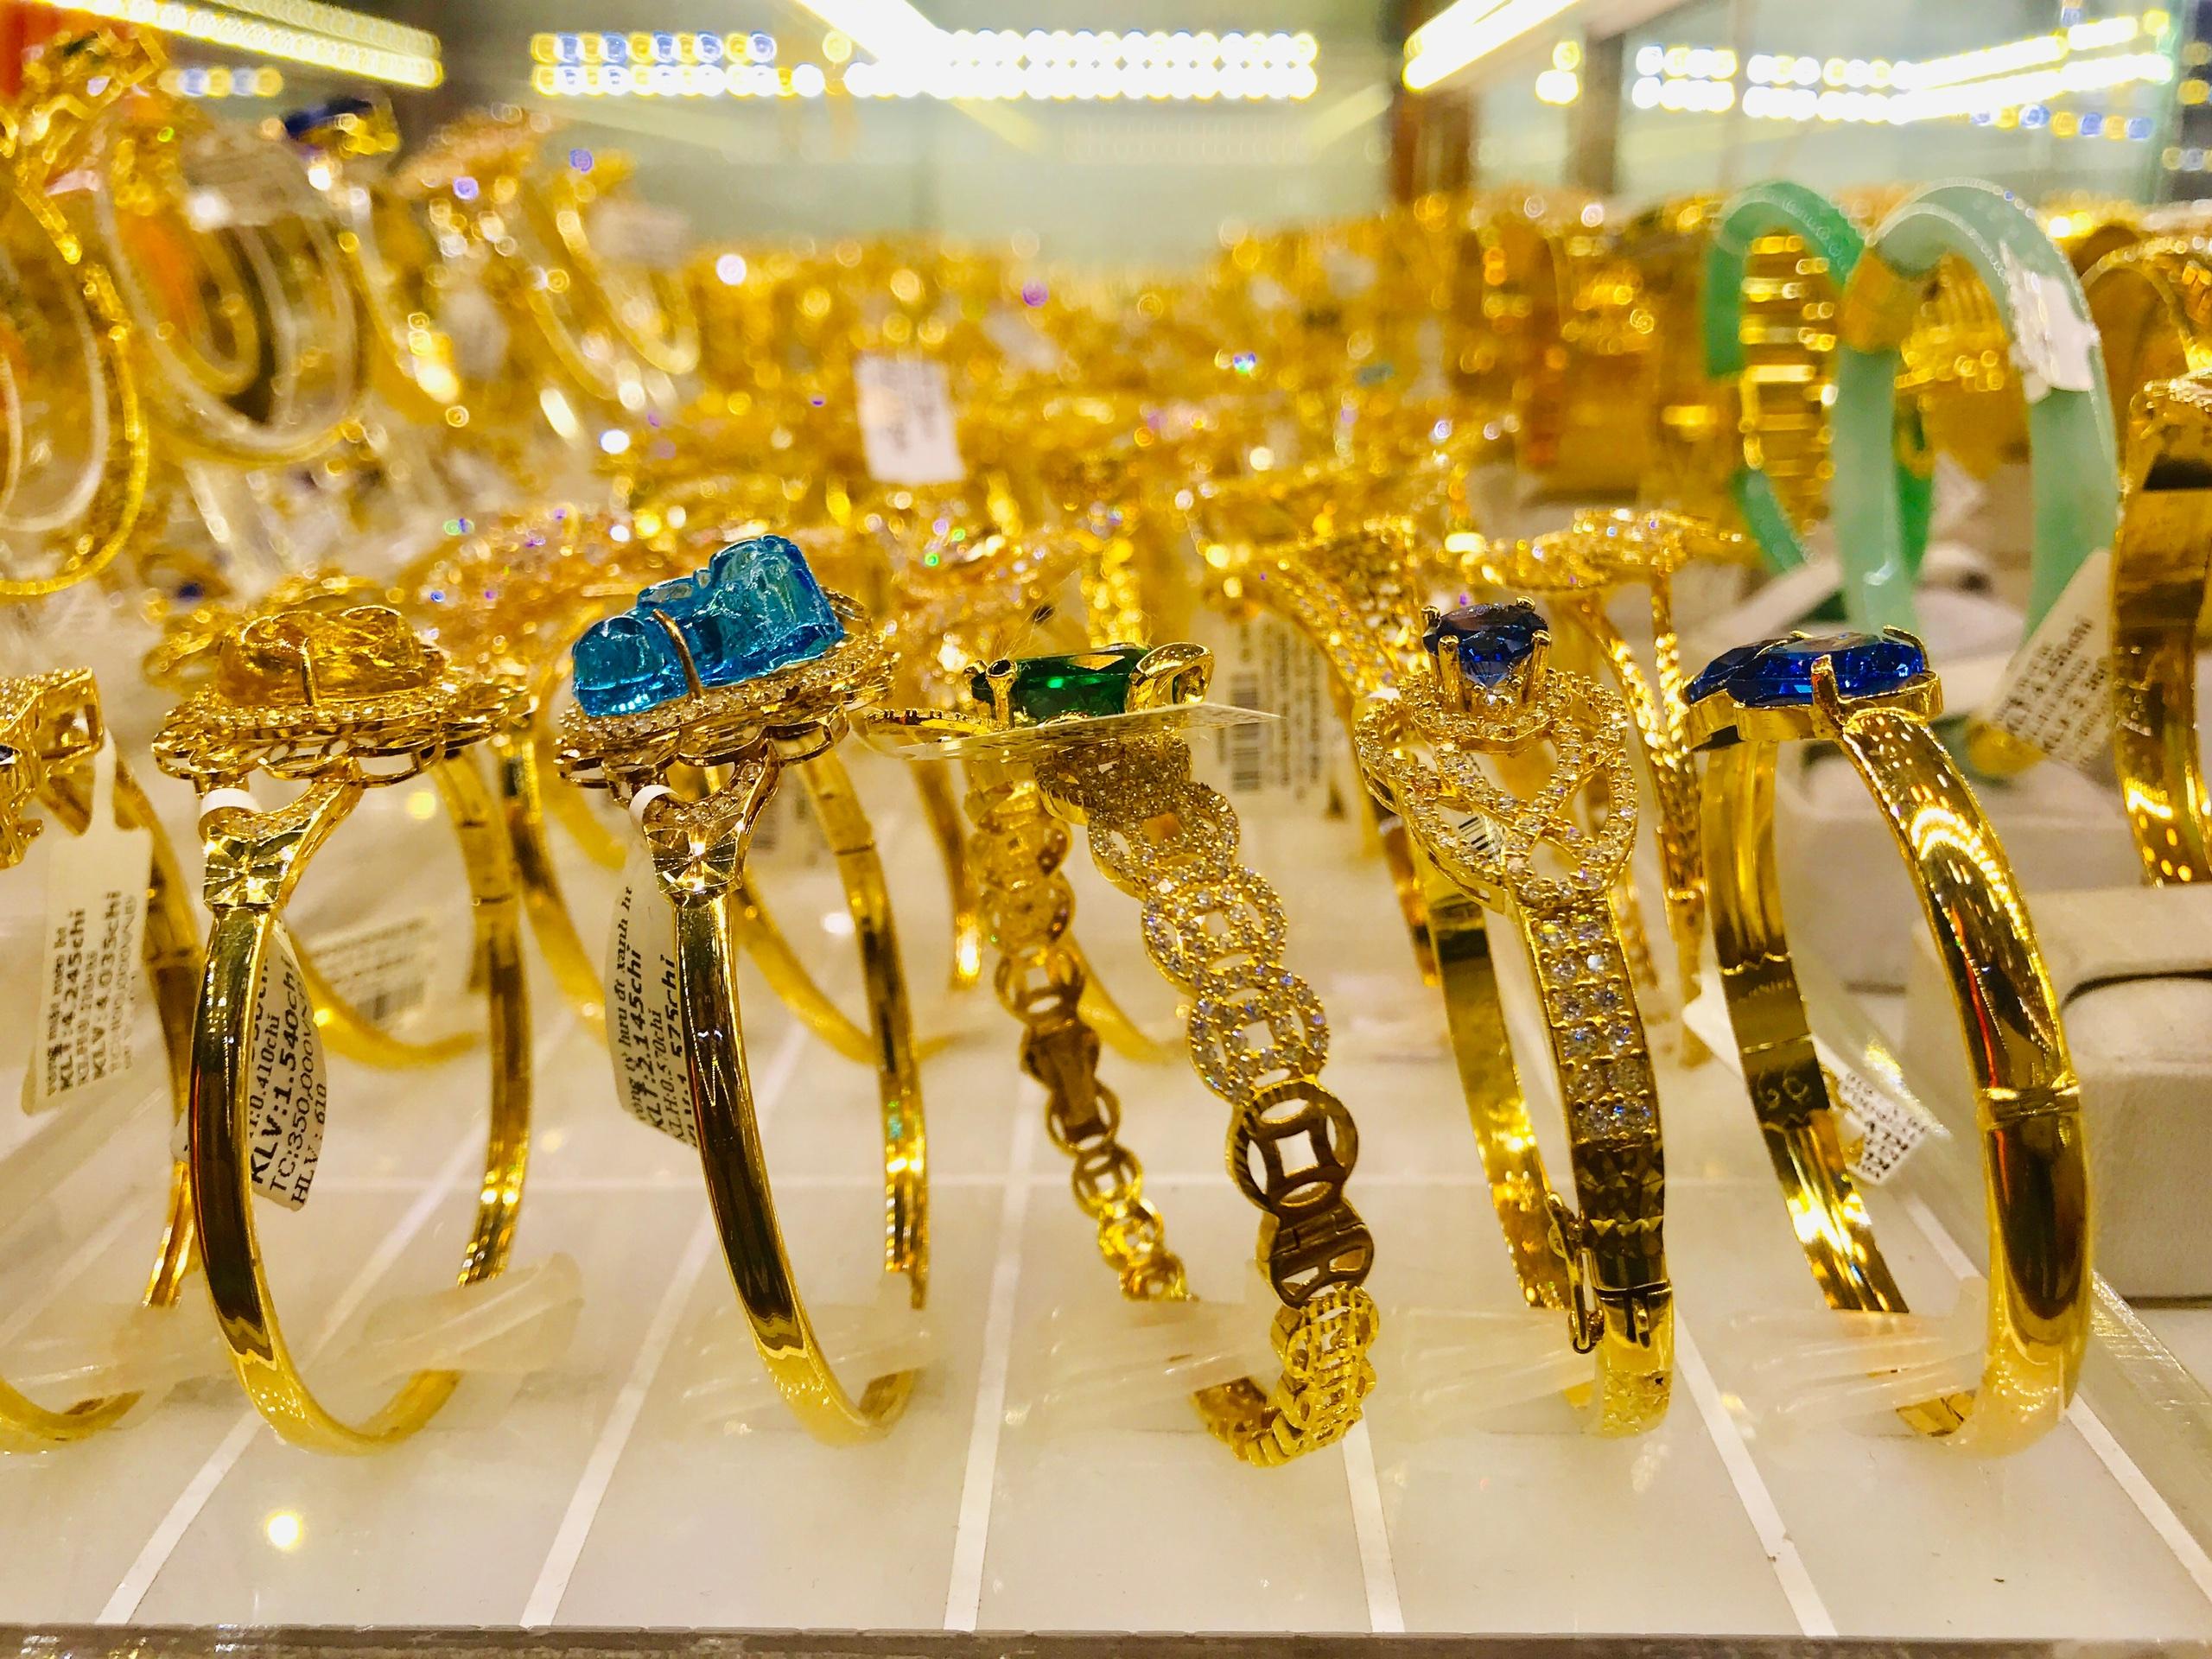 Giá vàng hôm nay 20/8/2020: Giá vàng SJC giảm gần 2 triệu đồng/lượng - Ảnh 1